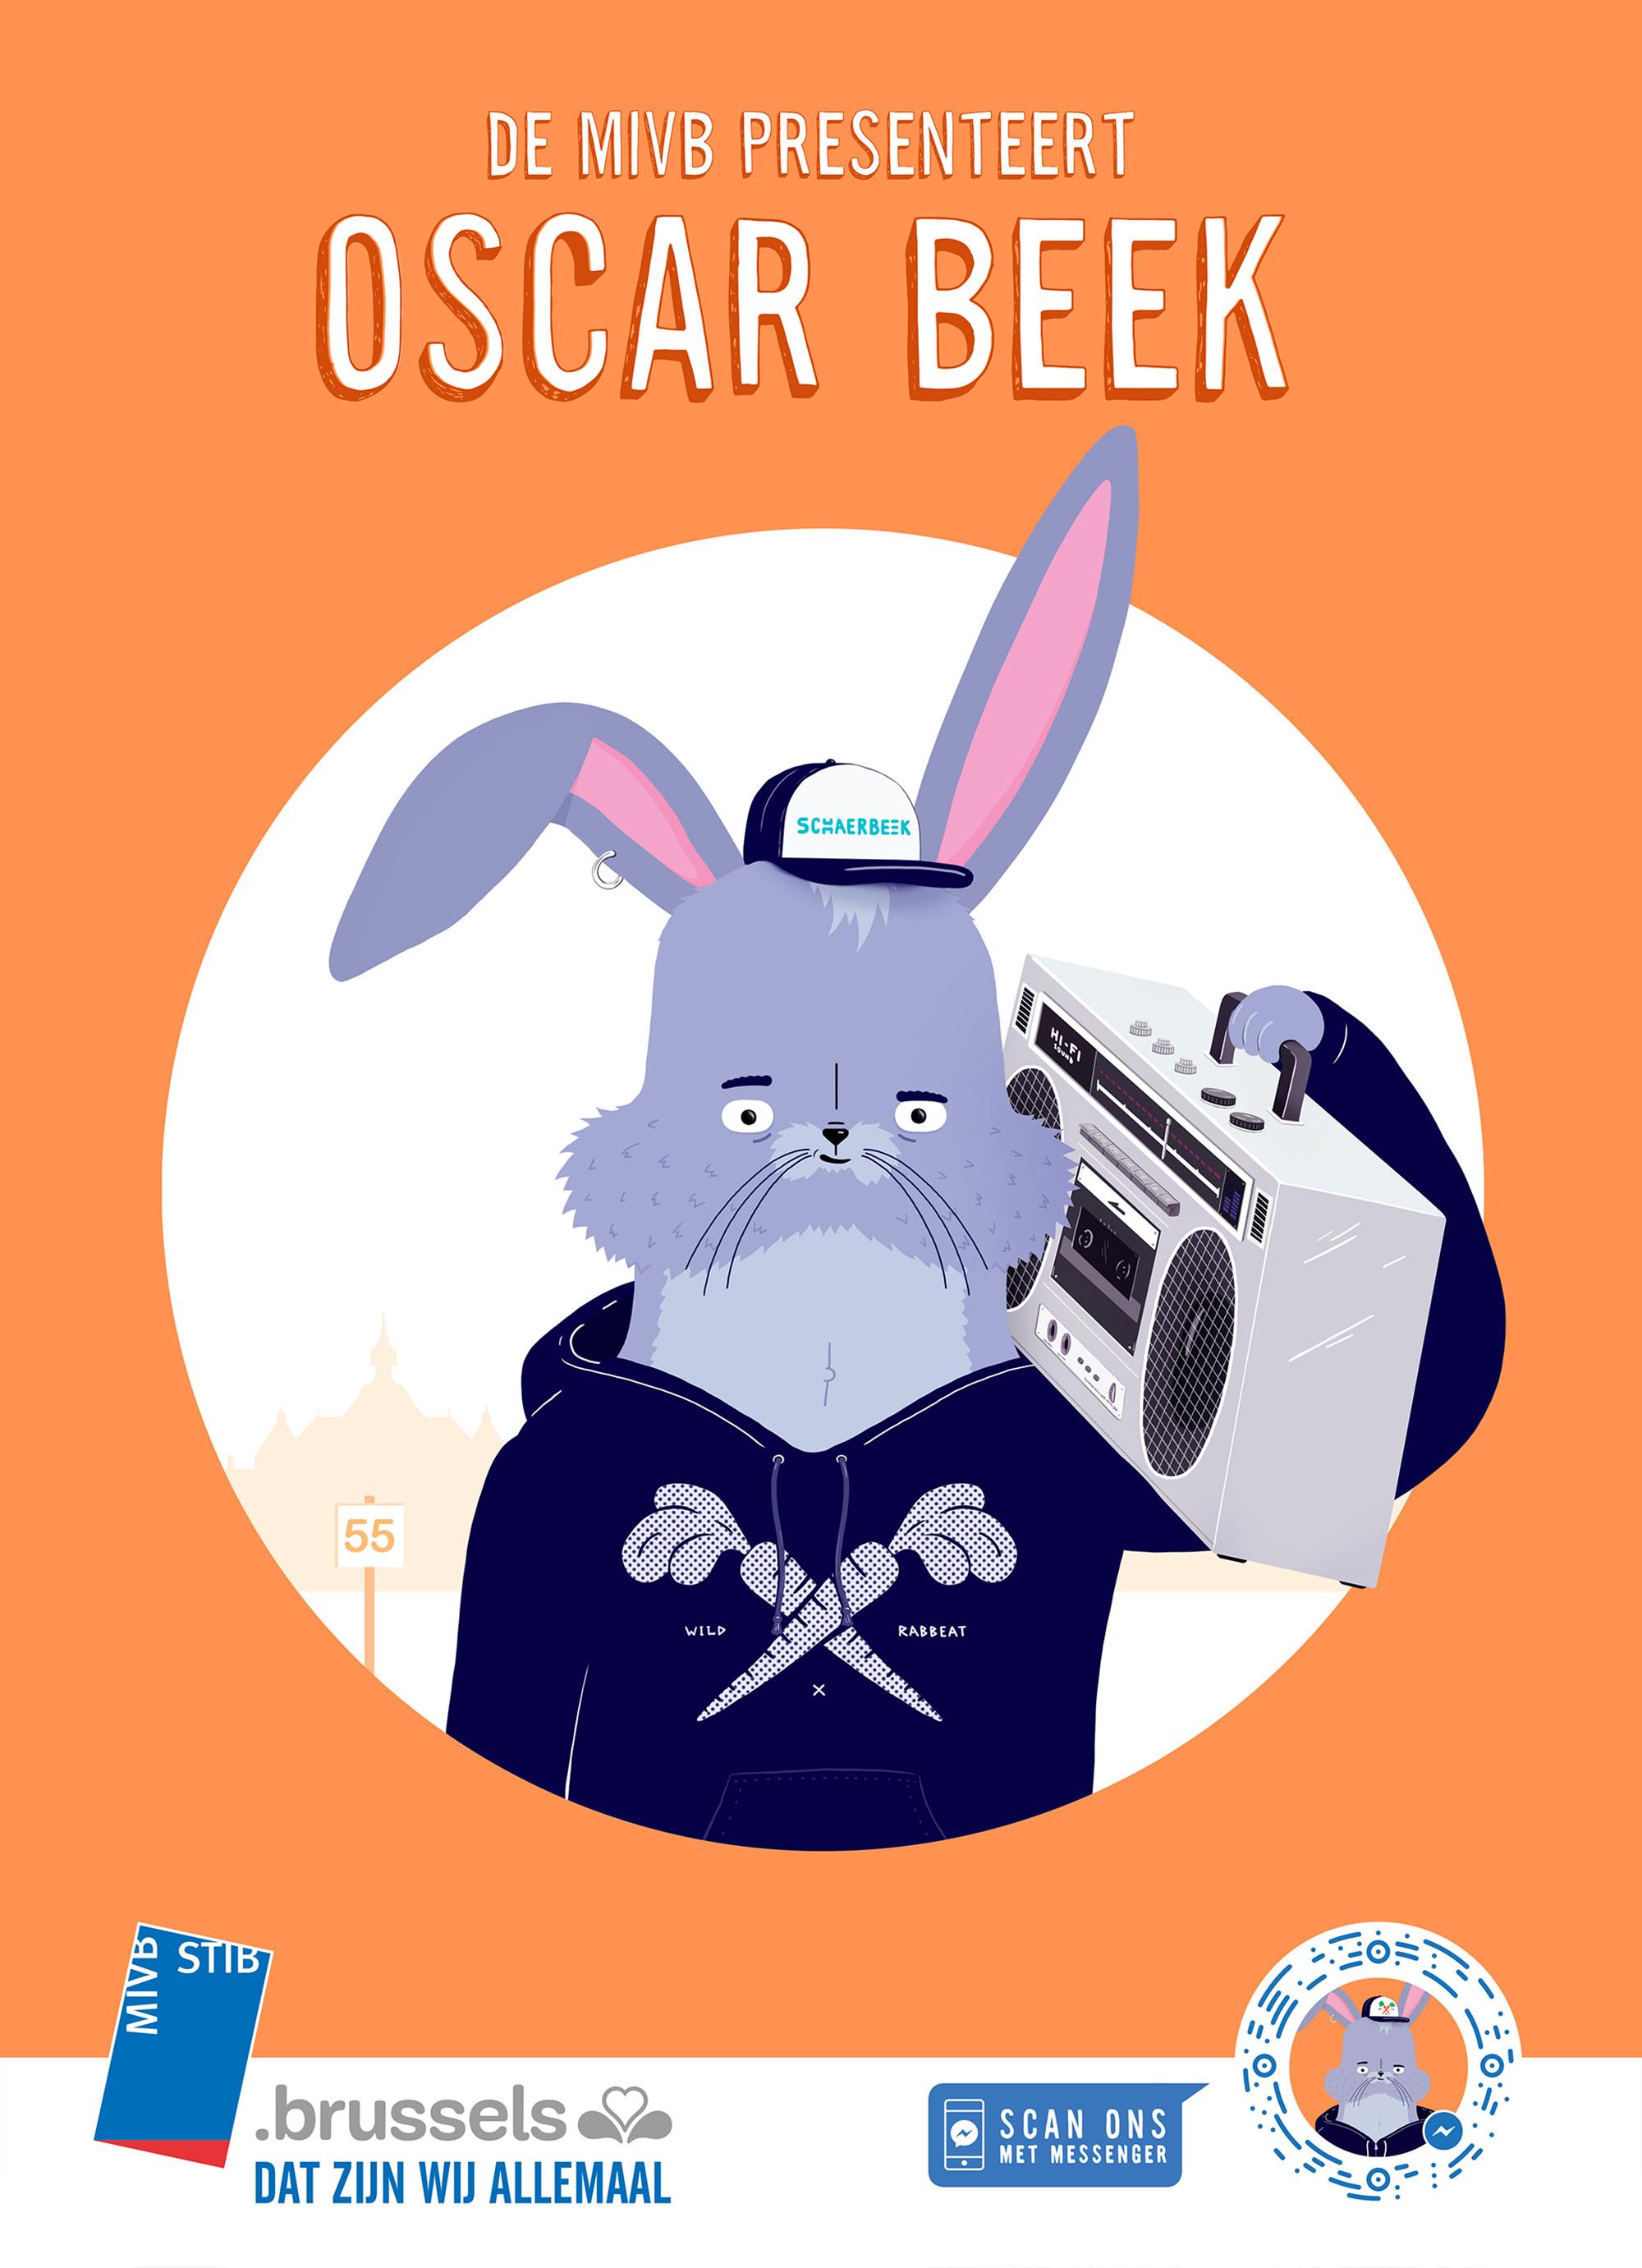 mivb_2_Oscar.jpg